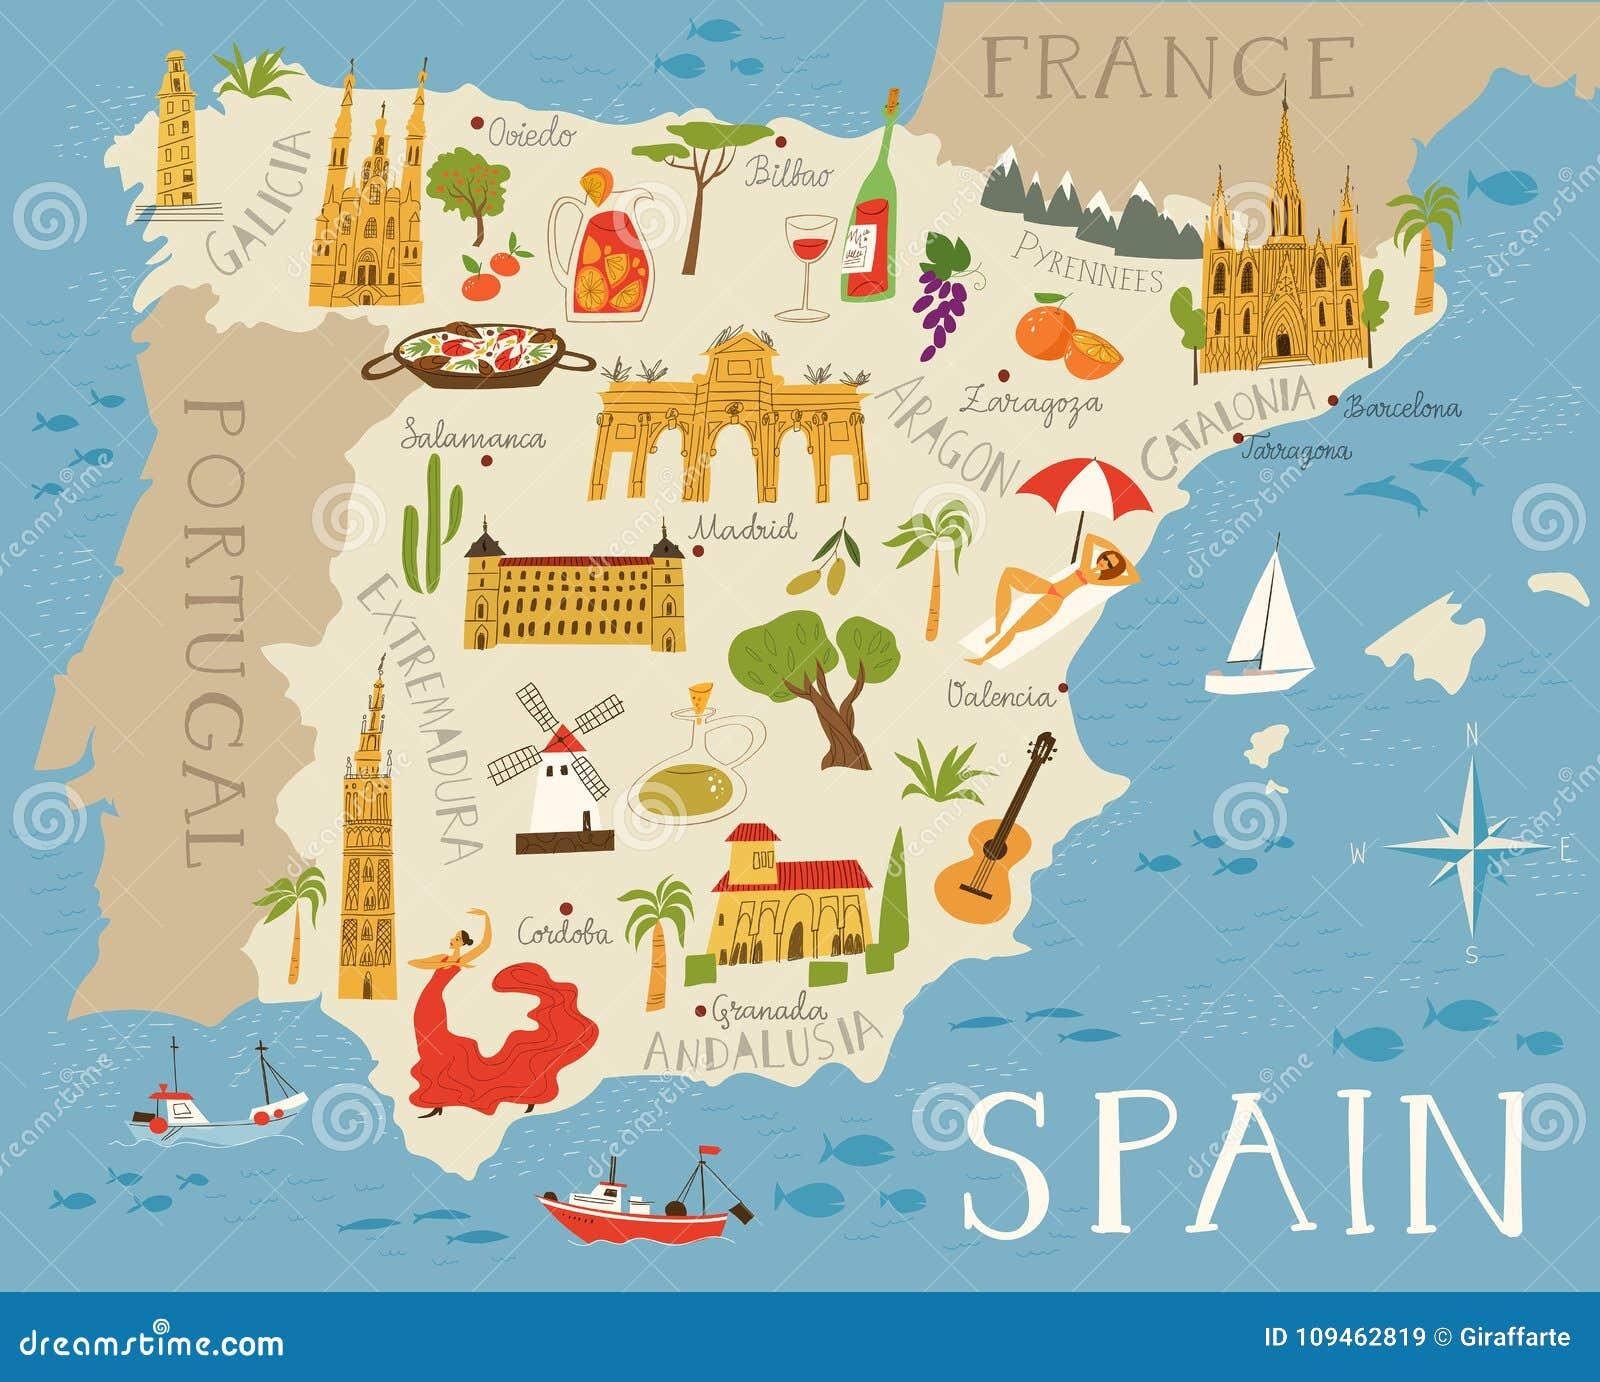 Mapa Detalhado Alto Da Espanha Ilustracao Do Vetor Ilustracao De